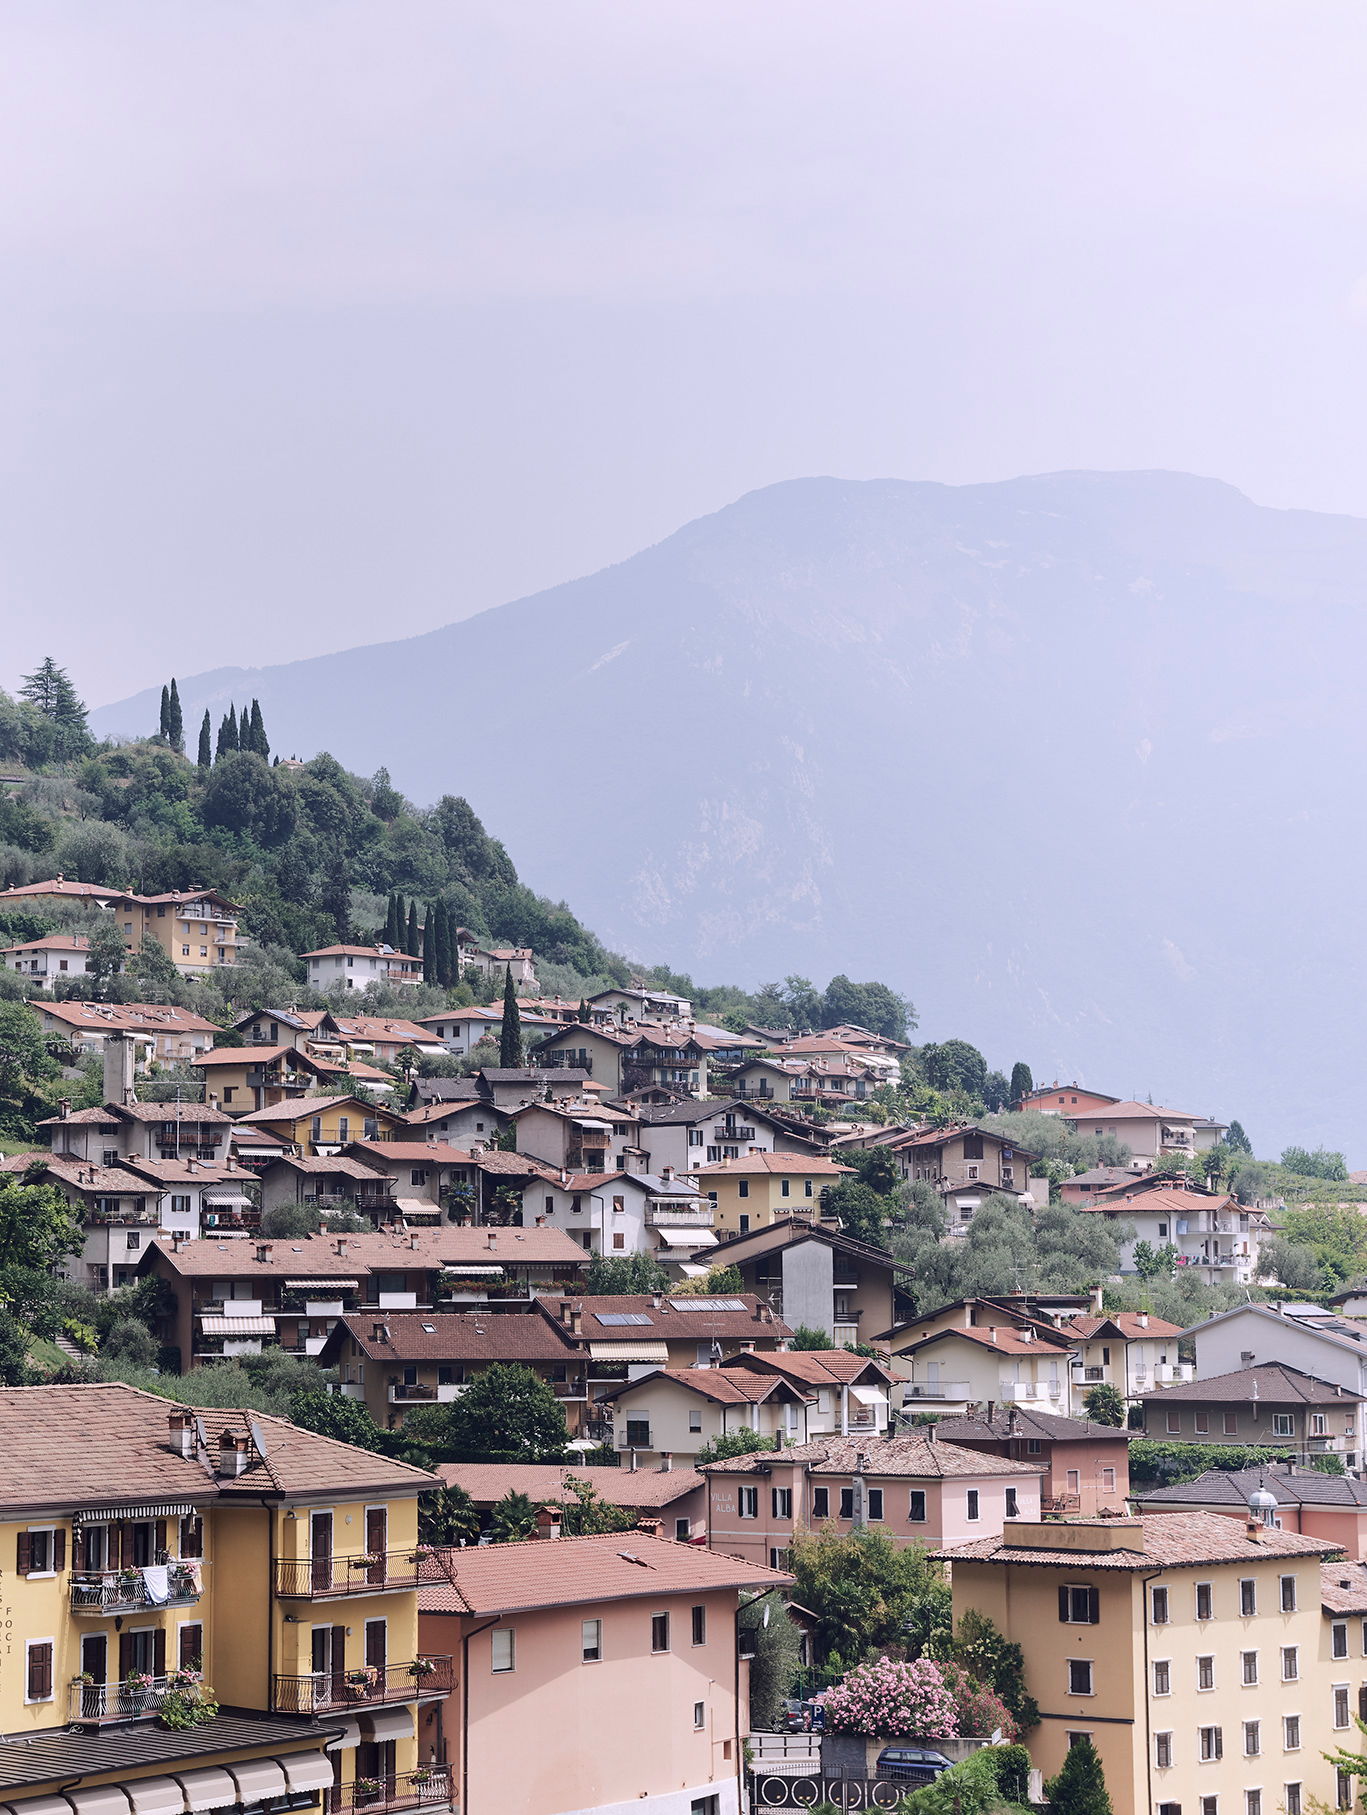 Lake Garda Villas, Italy. Kirsty Owen Photography